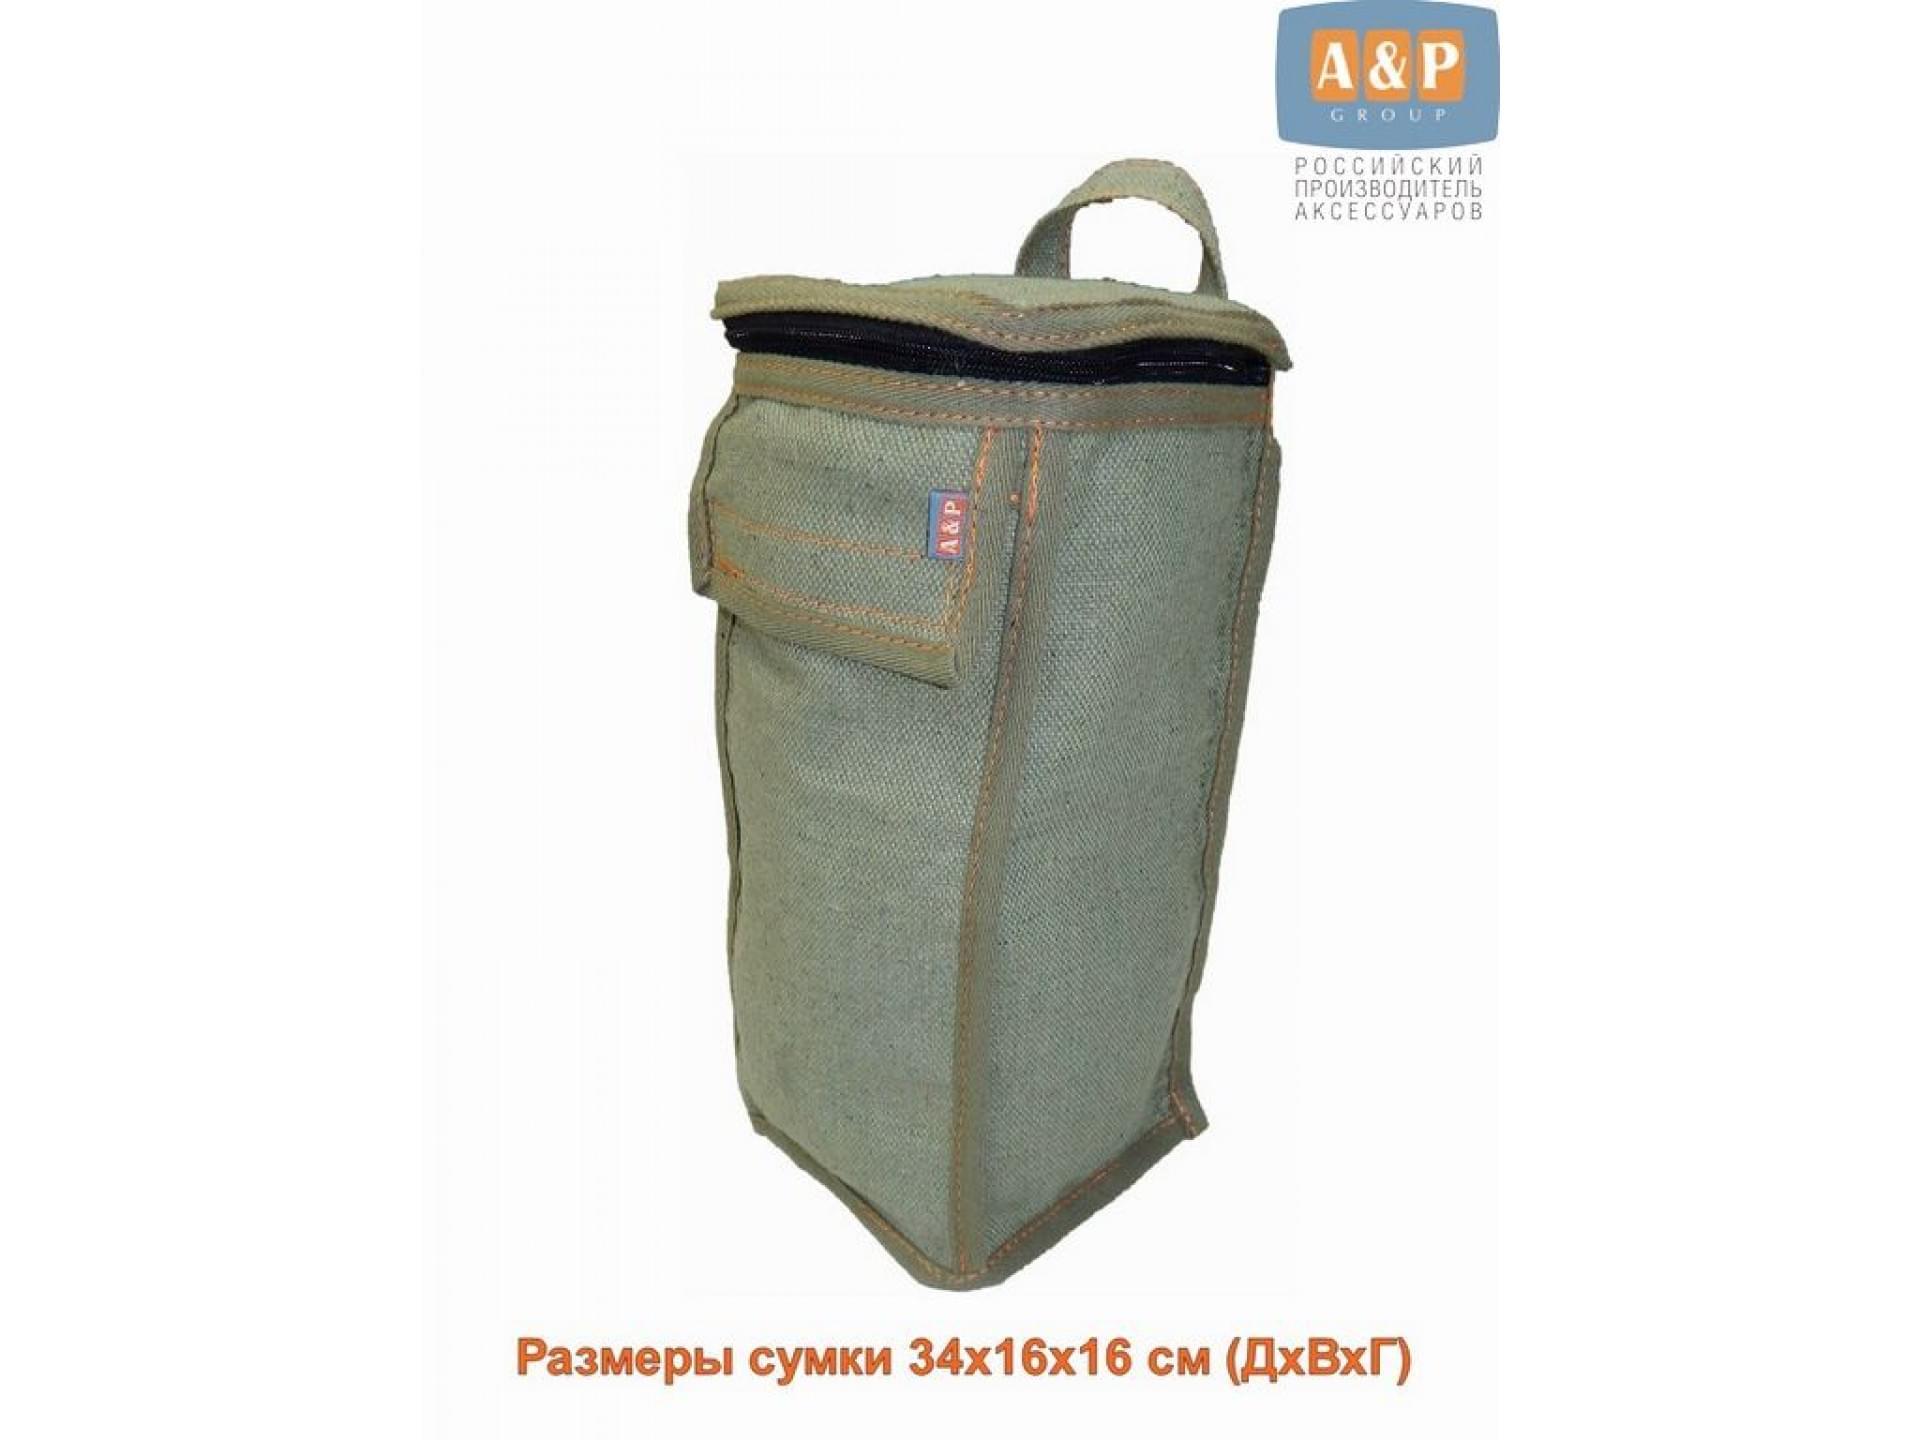 Сумка для домкрата или ножного насоса. Размеры 34х16х16 см. Материал – брезент.